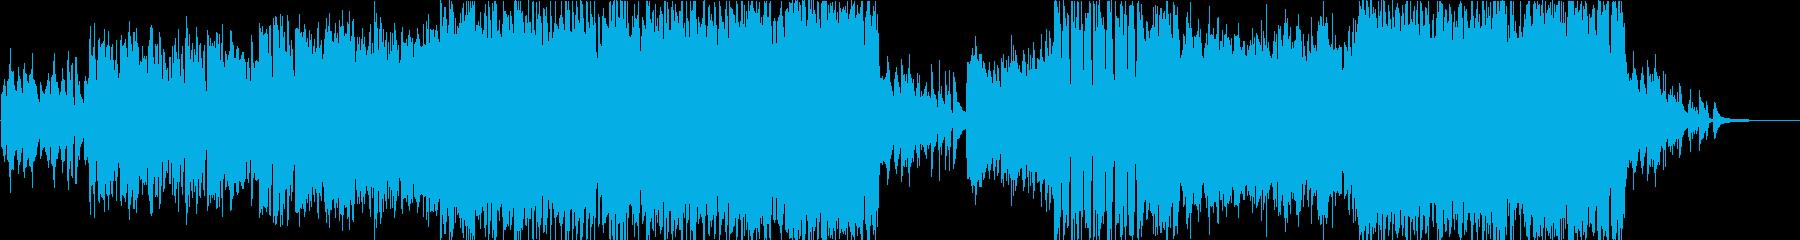 生演奏バイオリンの映像向けテーマ曲風の再生済みの波形